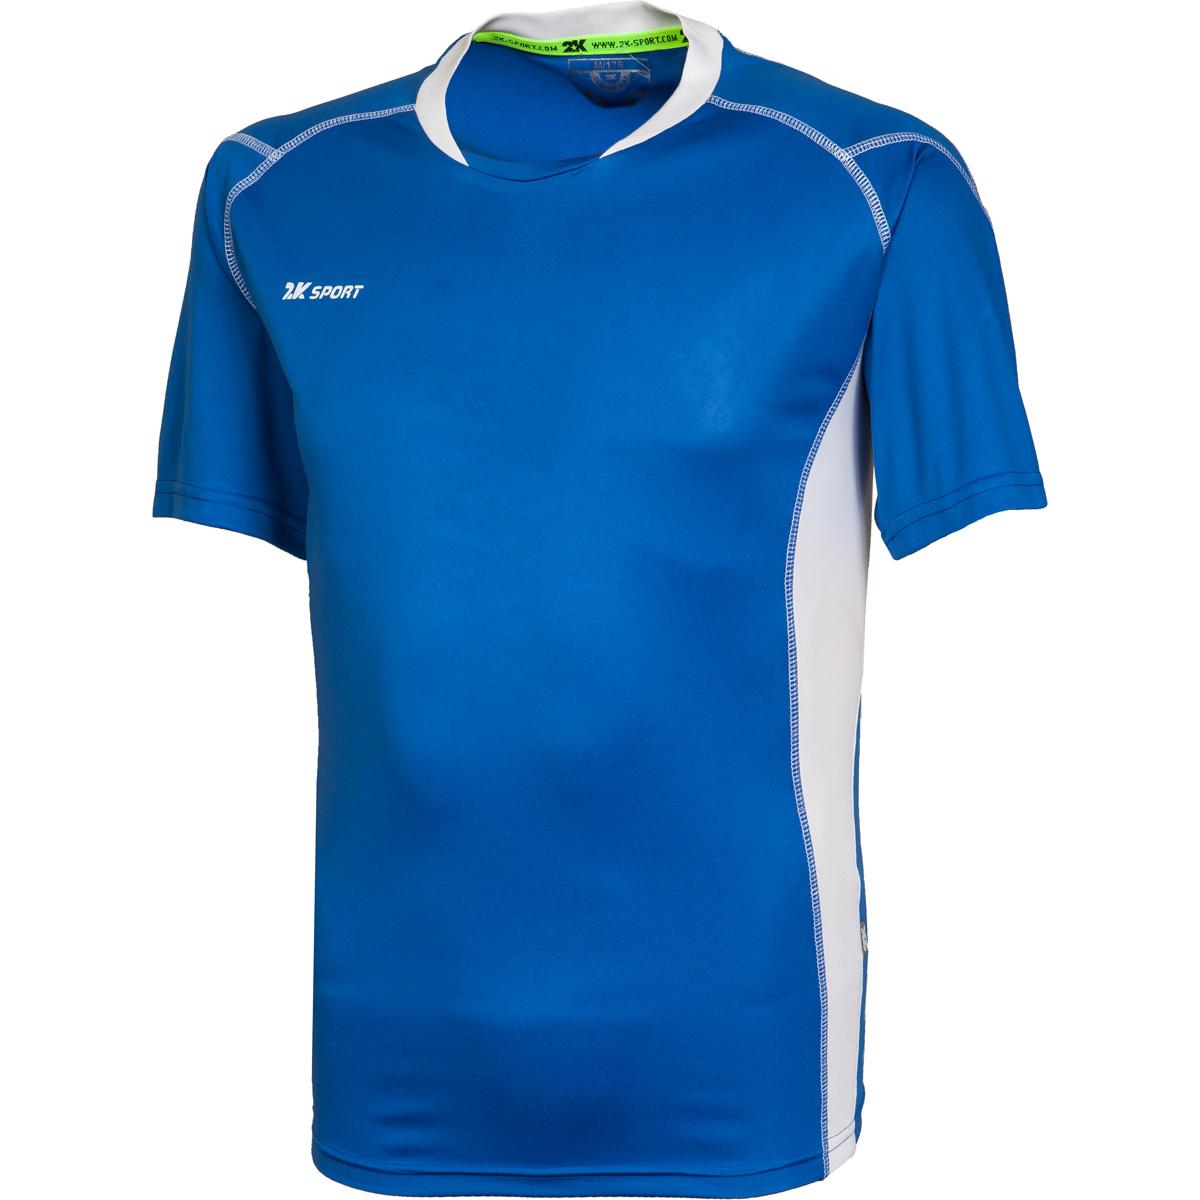 Футболка волейбольная мужская 2K Sport Energy, цвет: синий, белый. 140040. Размер M (48) - Волейбол